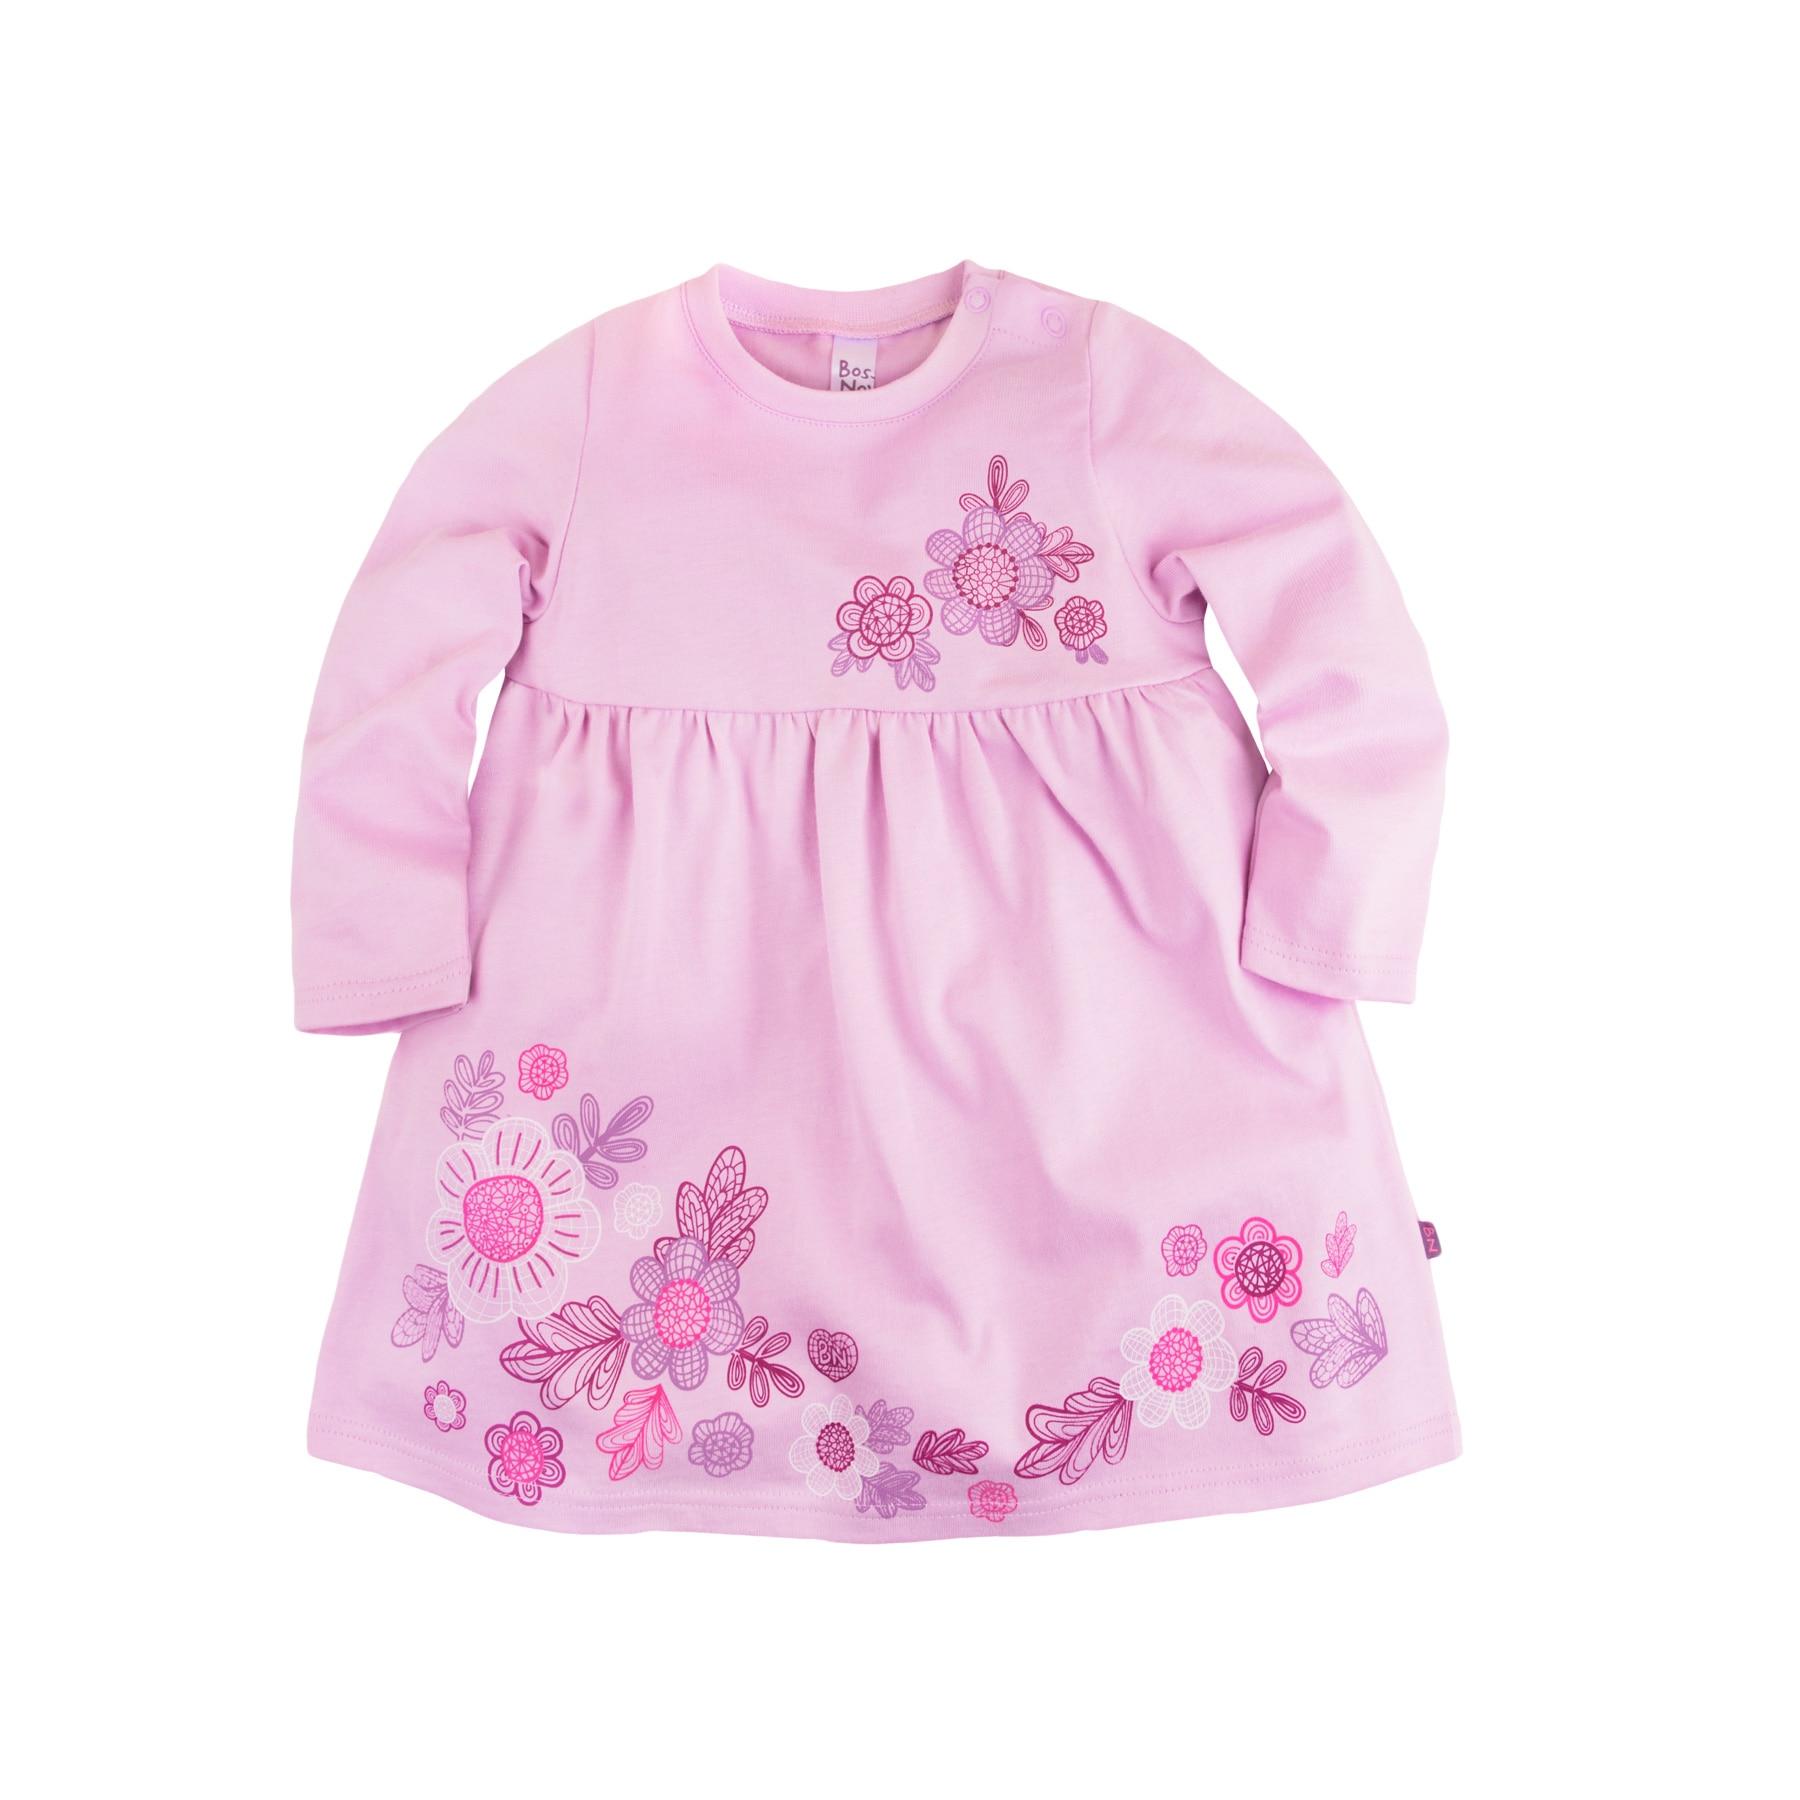 Dress for girls Bossa Nova 135B-161s kid clothes children clothing fashion slim family long sleeve mesh dress for girls